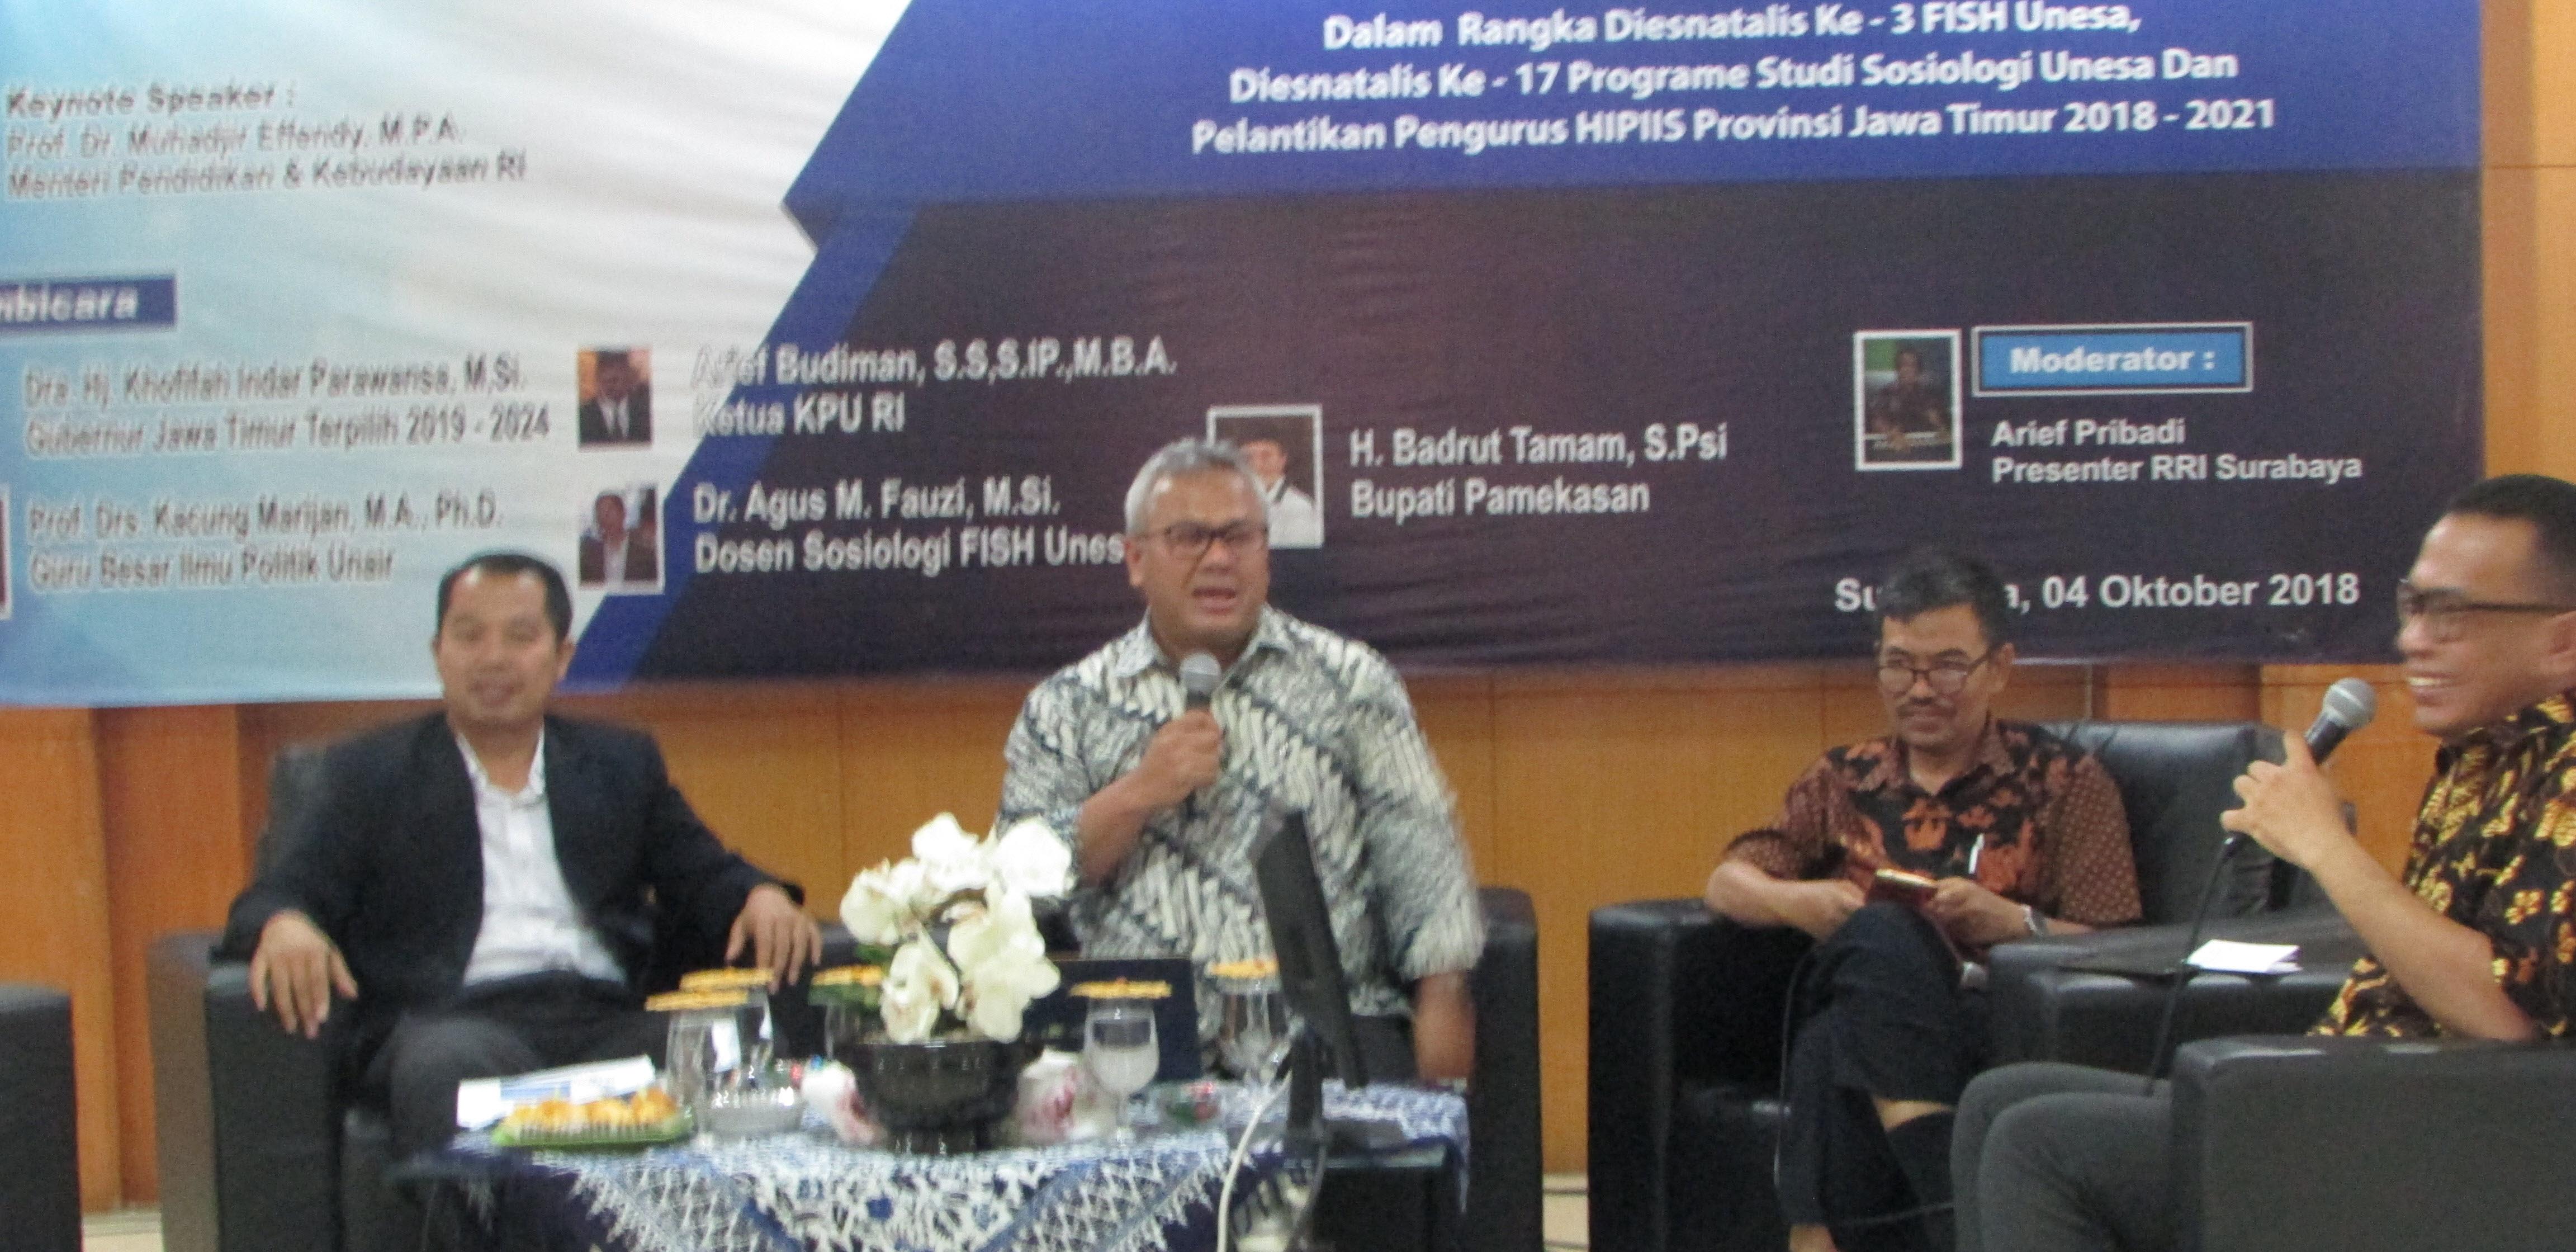 """Suasana Seminar Nasional dan Diskusi Interaktif """"Dinamika Perpolitikan Nasional"""" pada hari Kamis (4/10/2018) di Universitas Negeri Surabaya"""